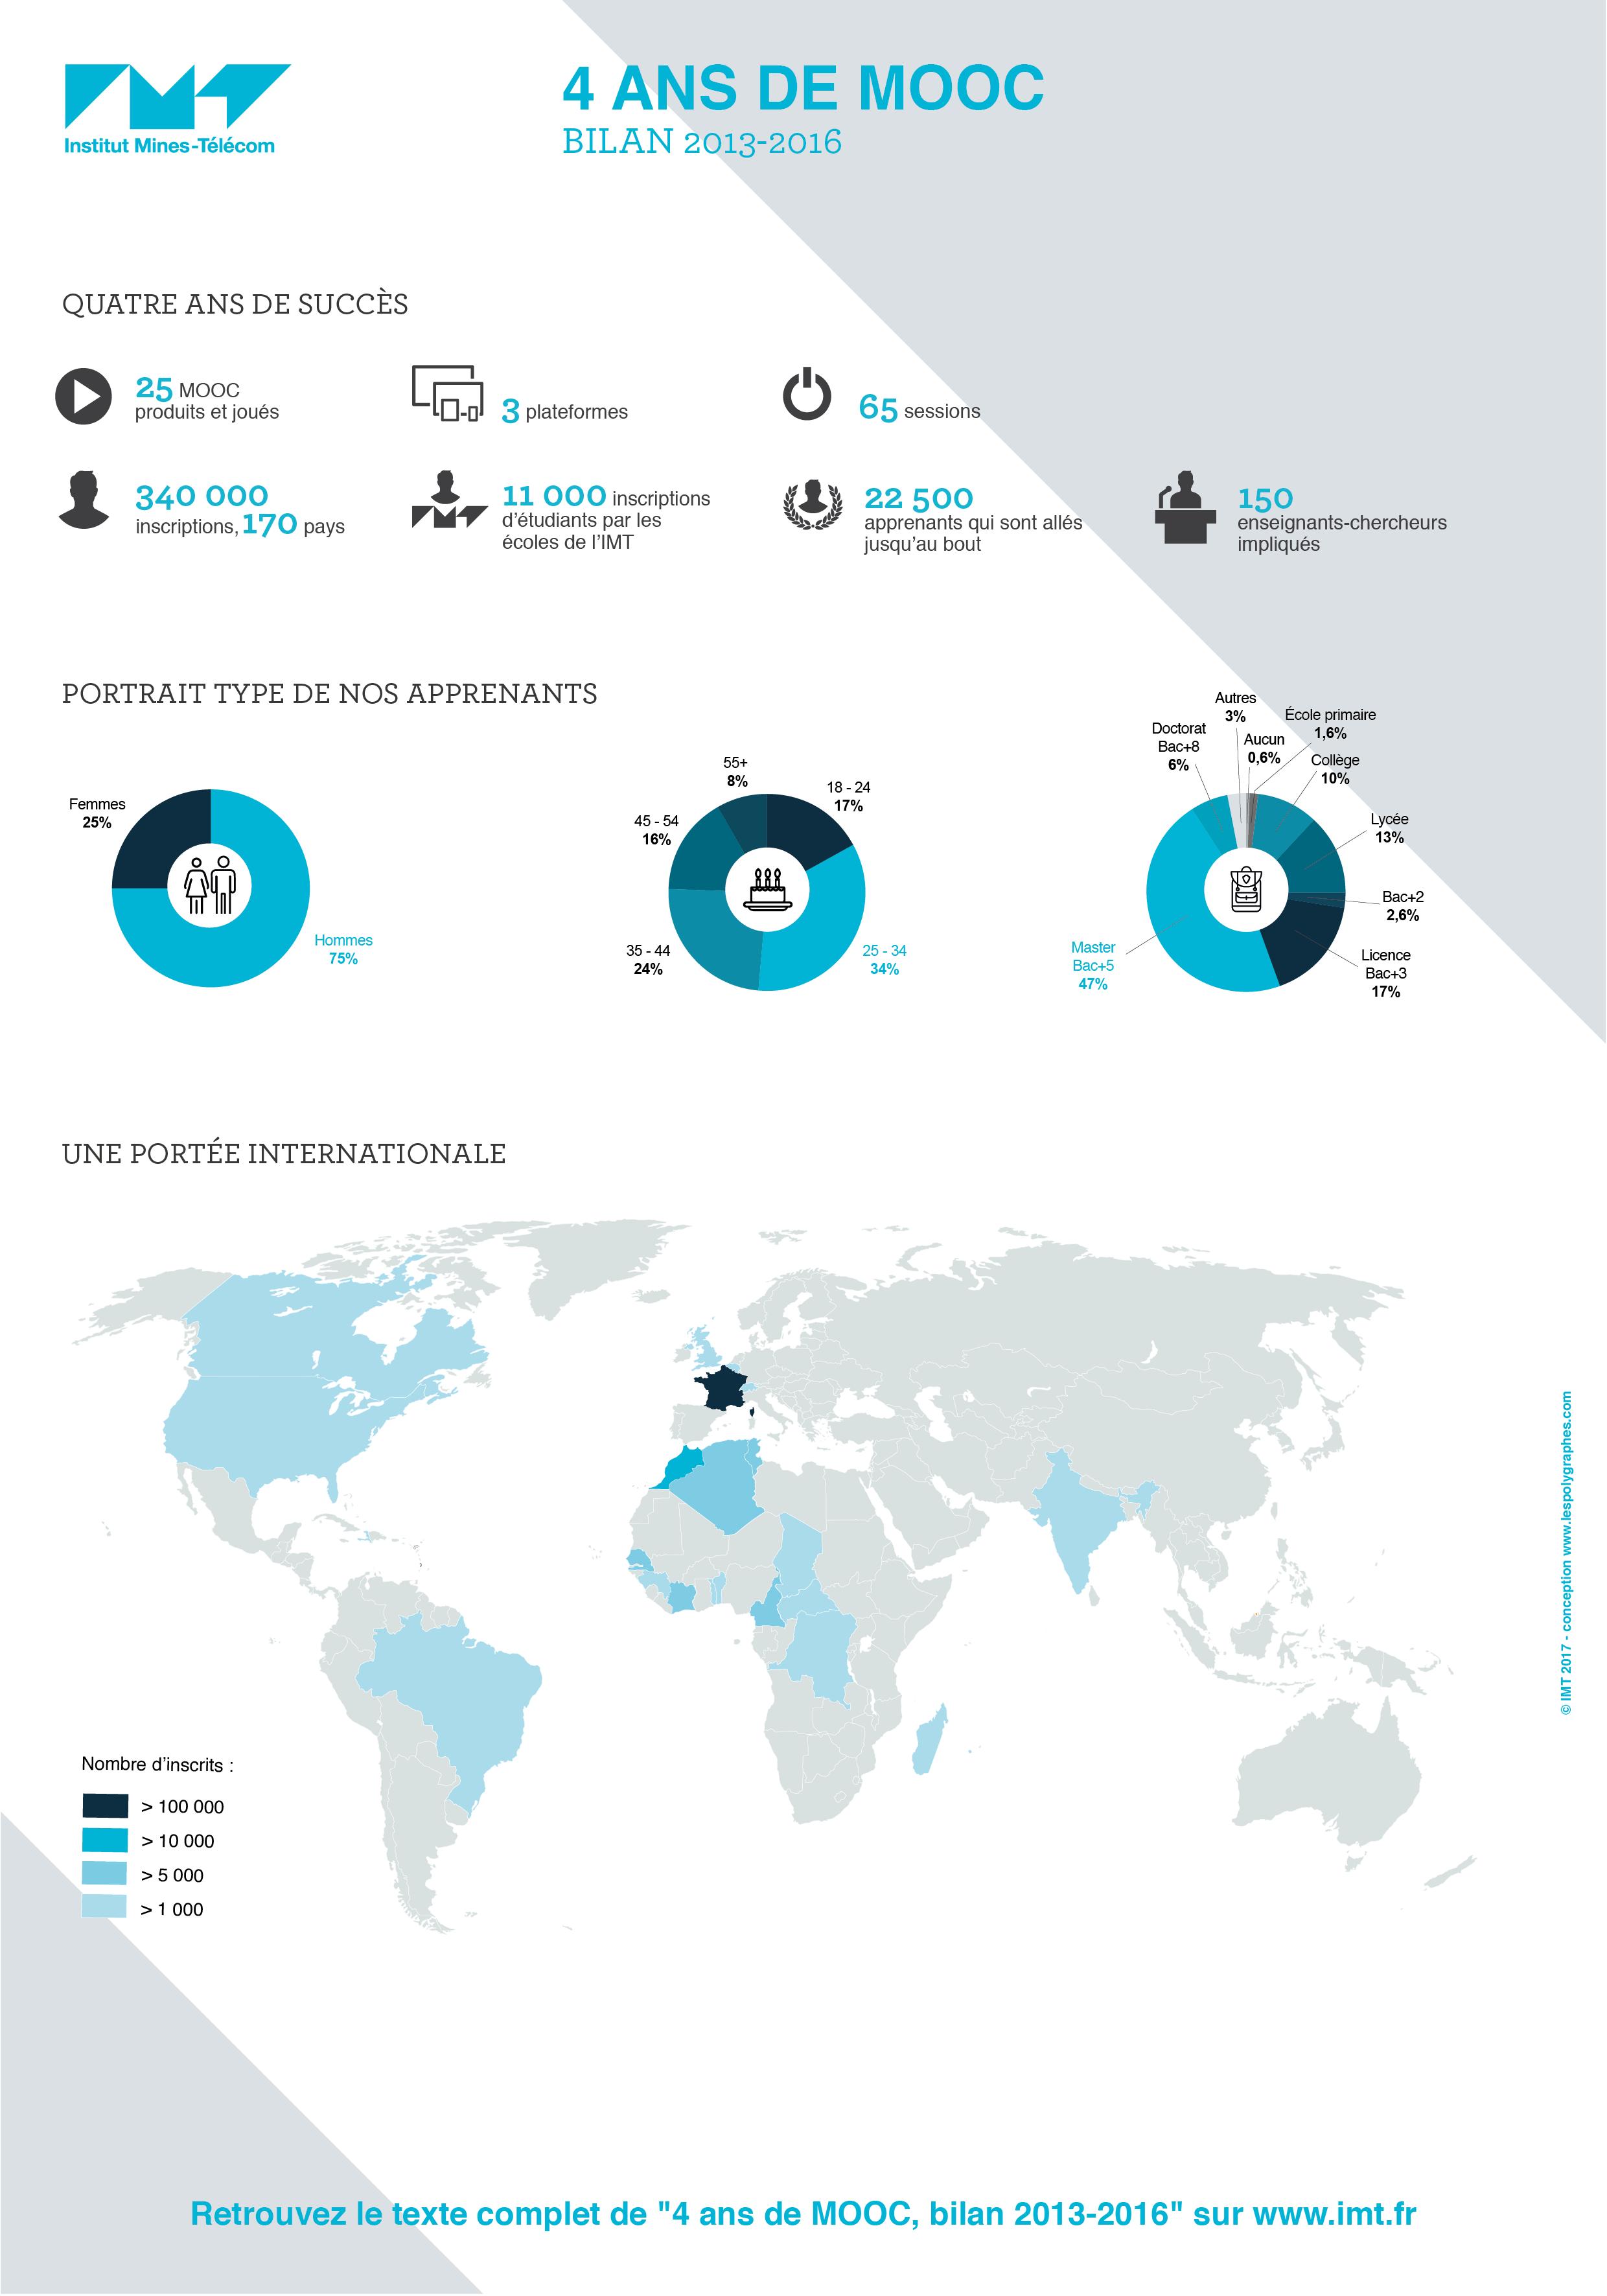 Infographie 4 ans de MOOC. Bilan 2013 - 2016 IMT